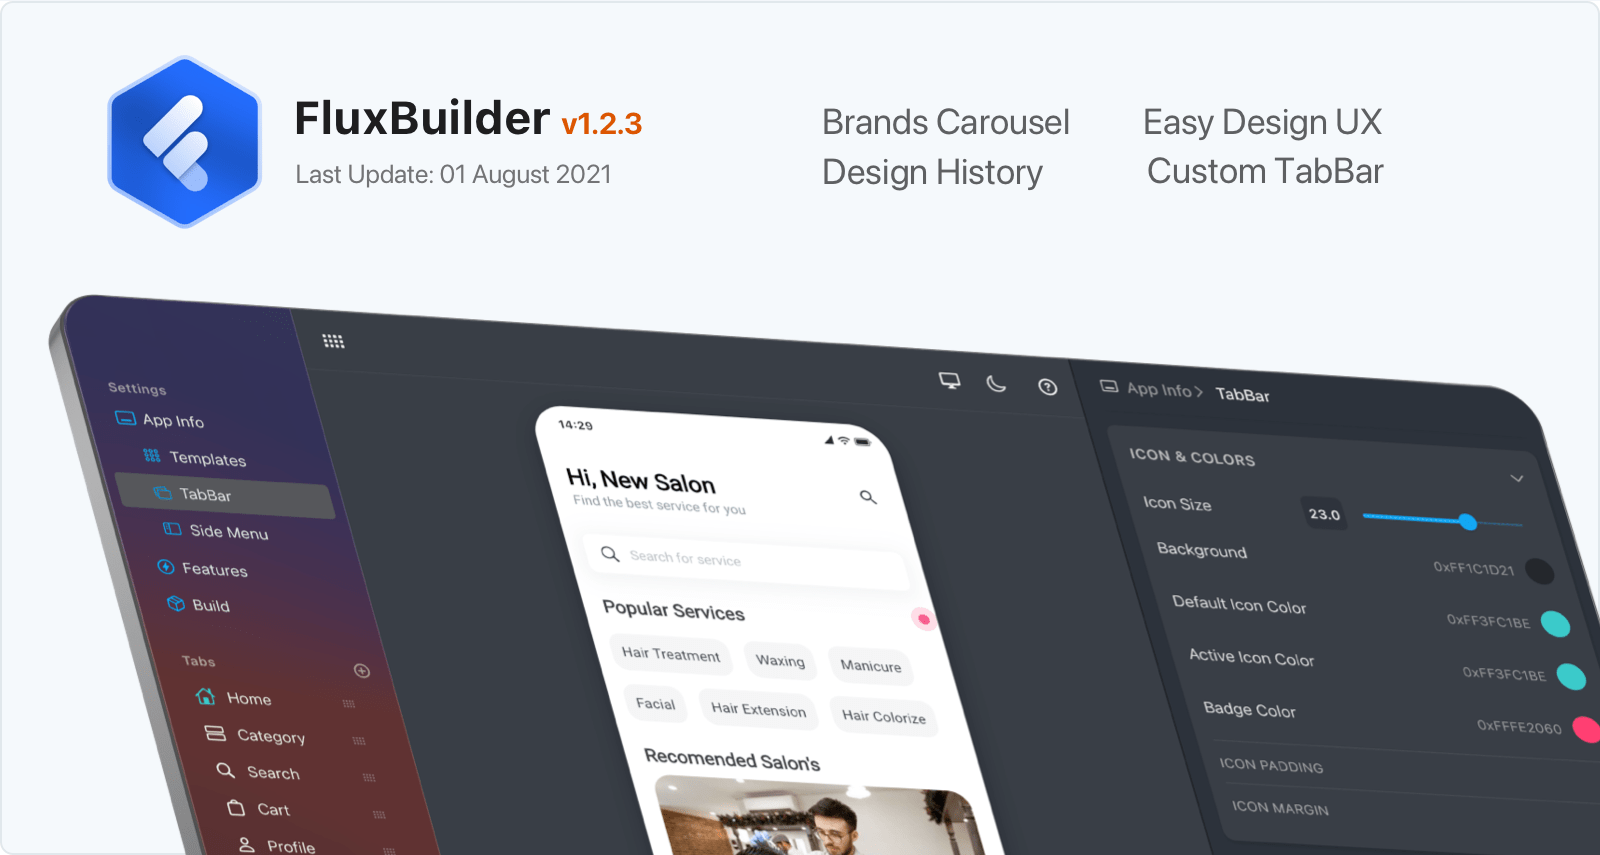 Flutter App Builder: FluxBuilder - FluxStore  app